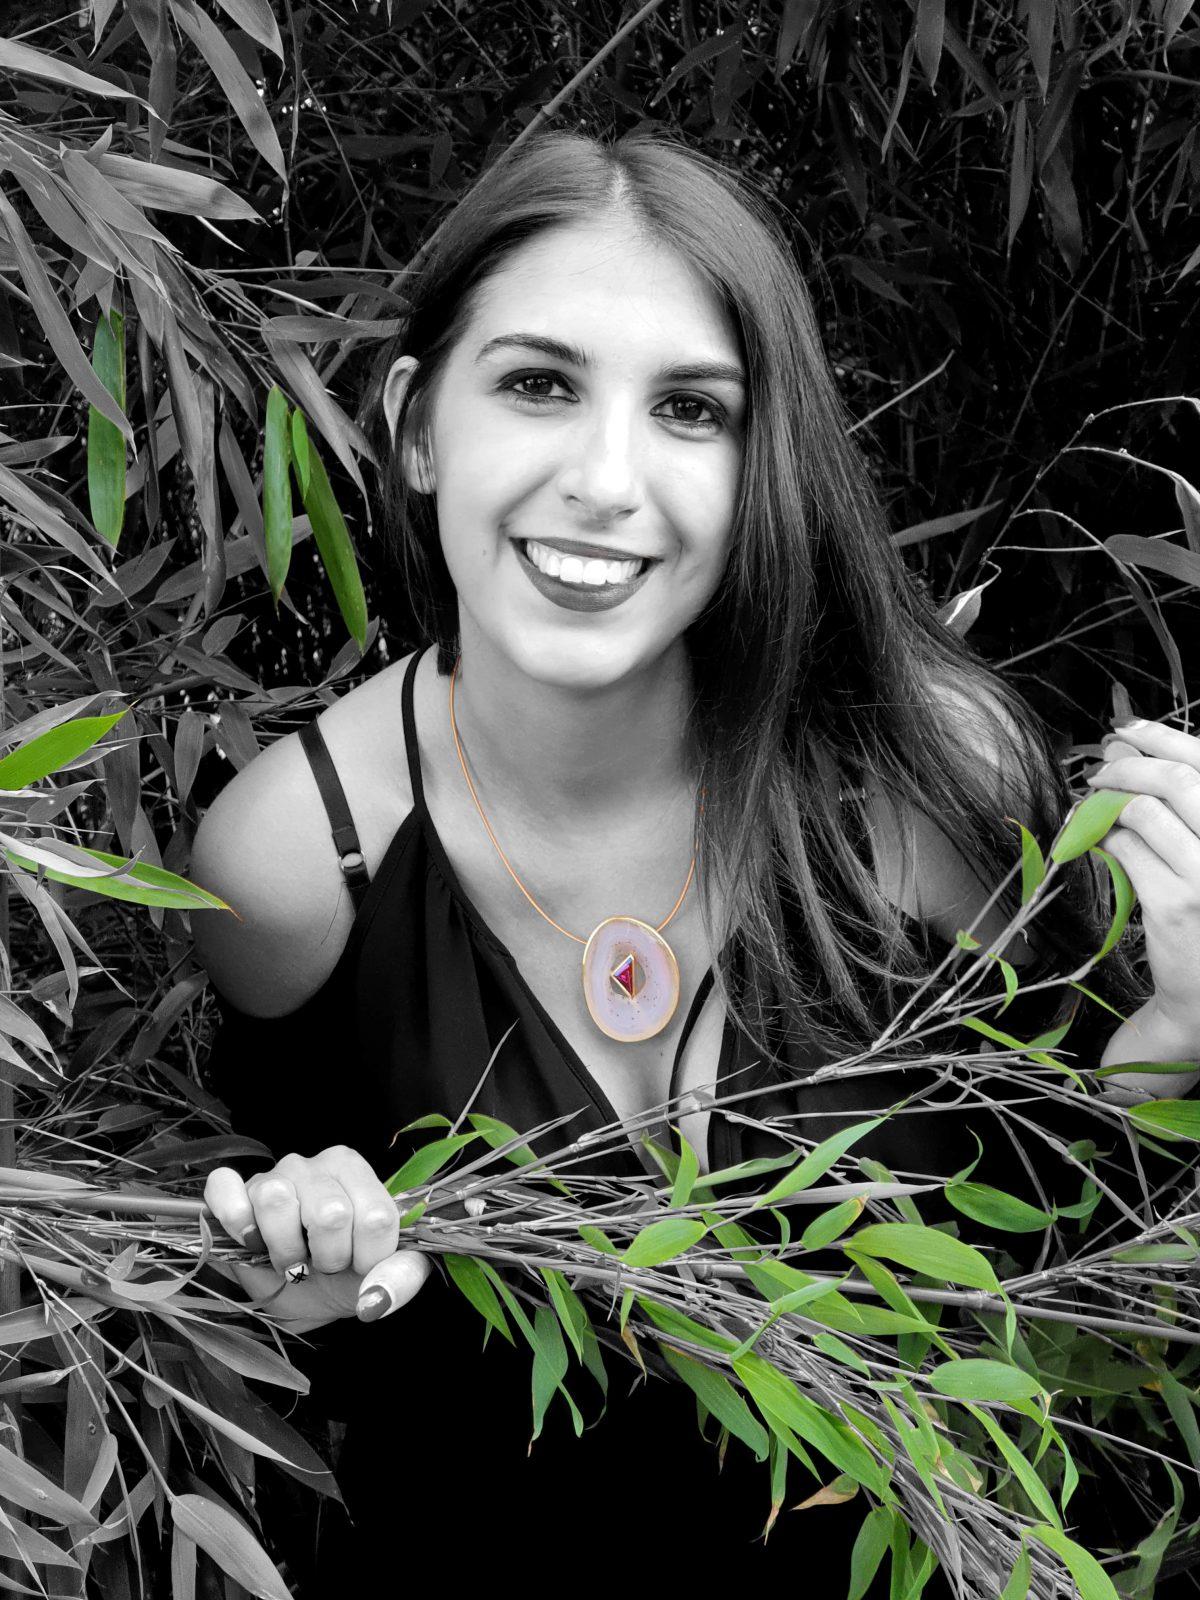 Fotomodell Halskette grüner Strauch